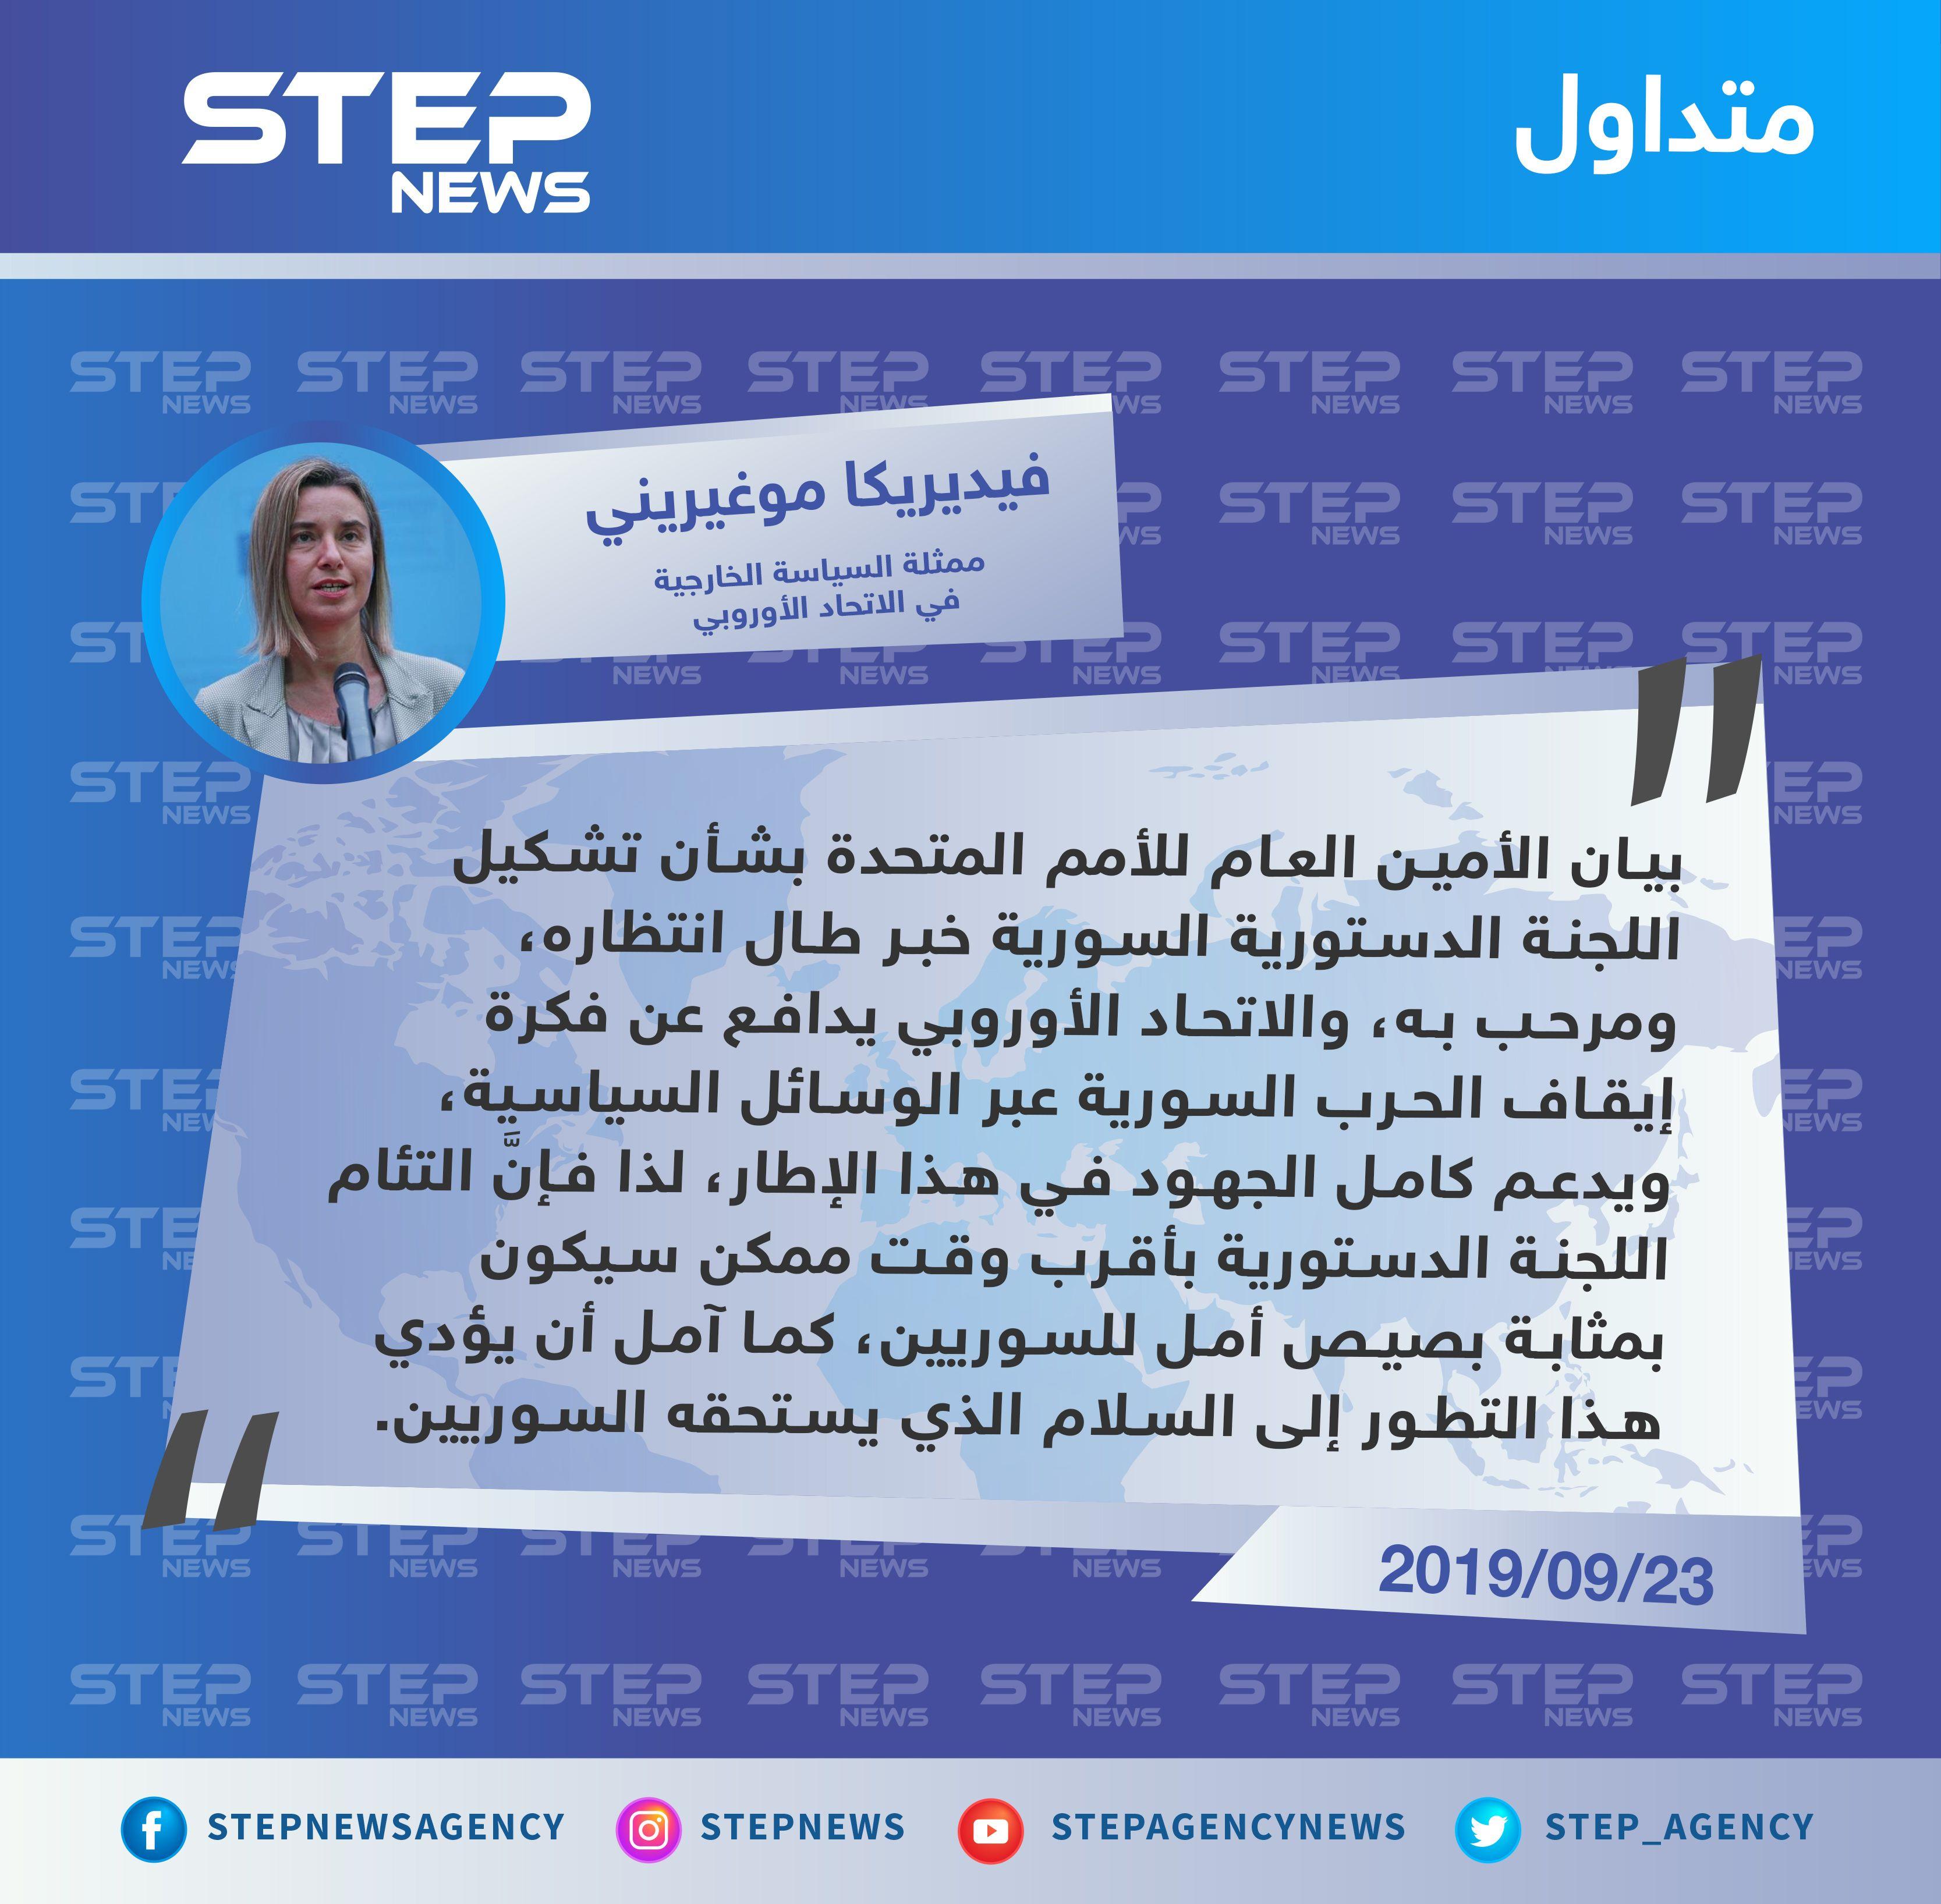 موغيريني تشكيل اللجنة الدستورية سيكون بمثابة بصيص أمل للسوريين